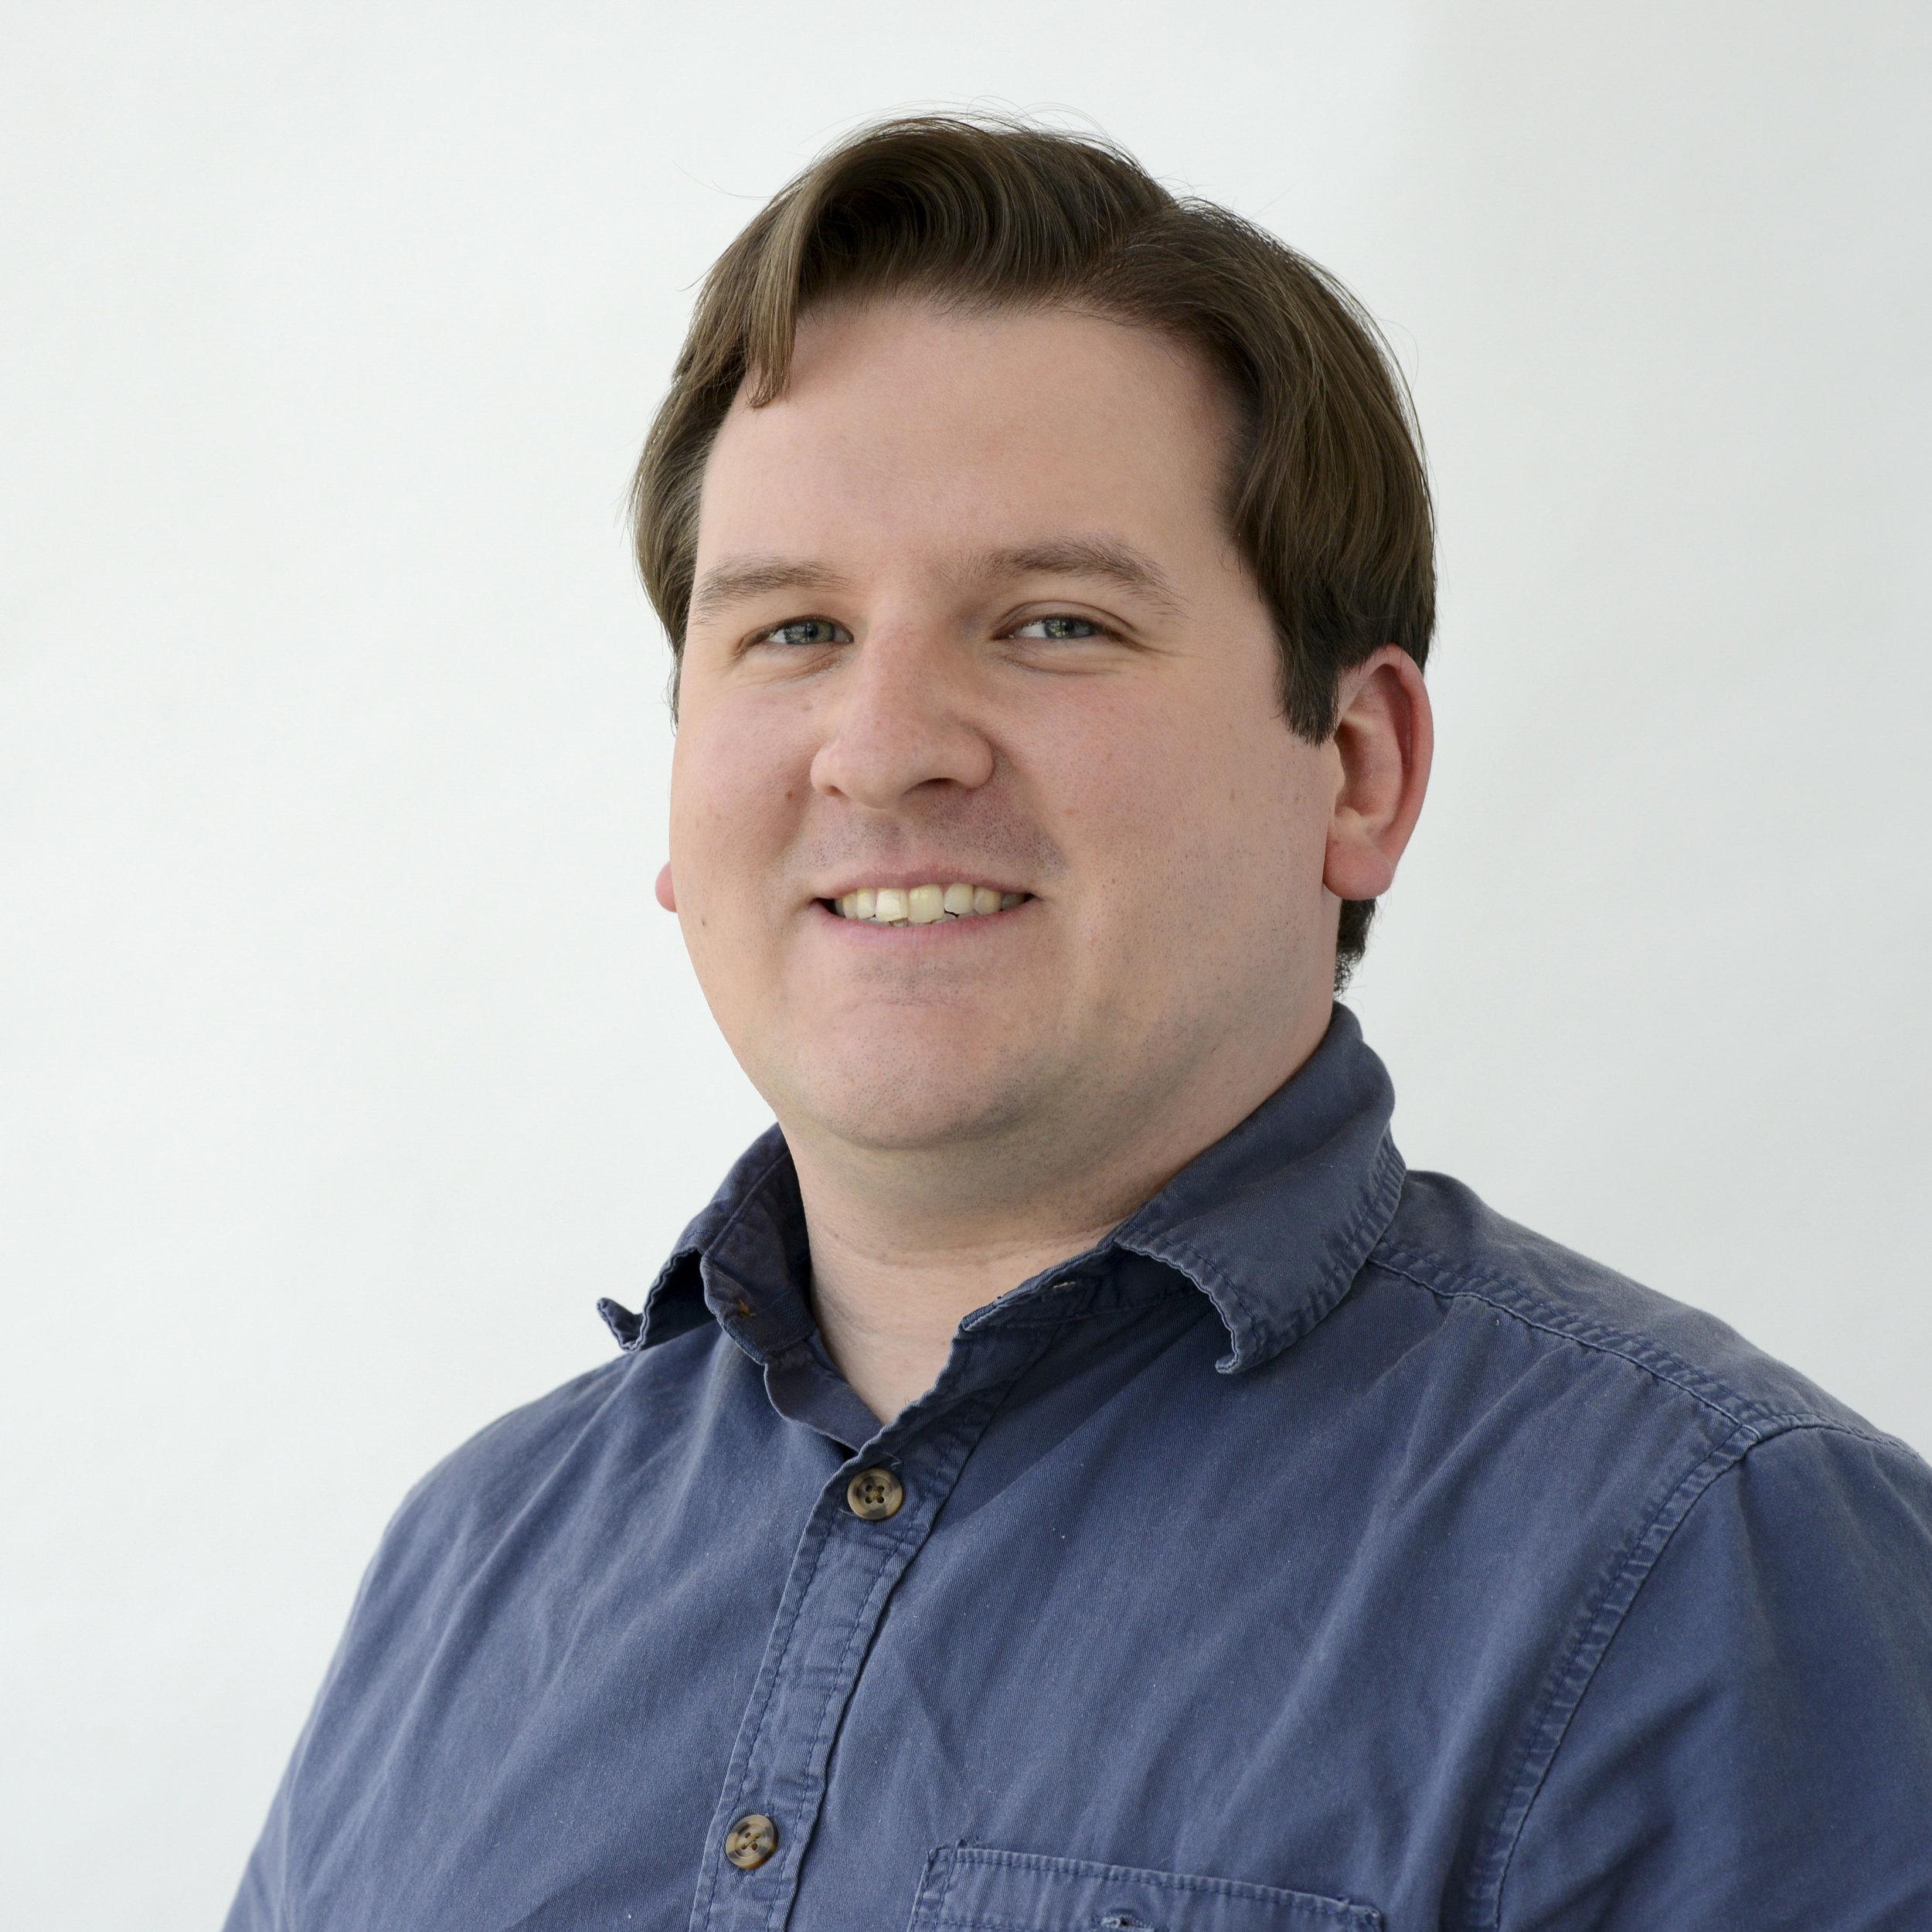 Ian Laczynski